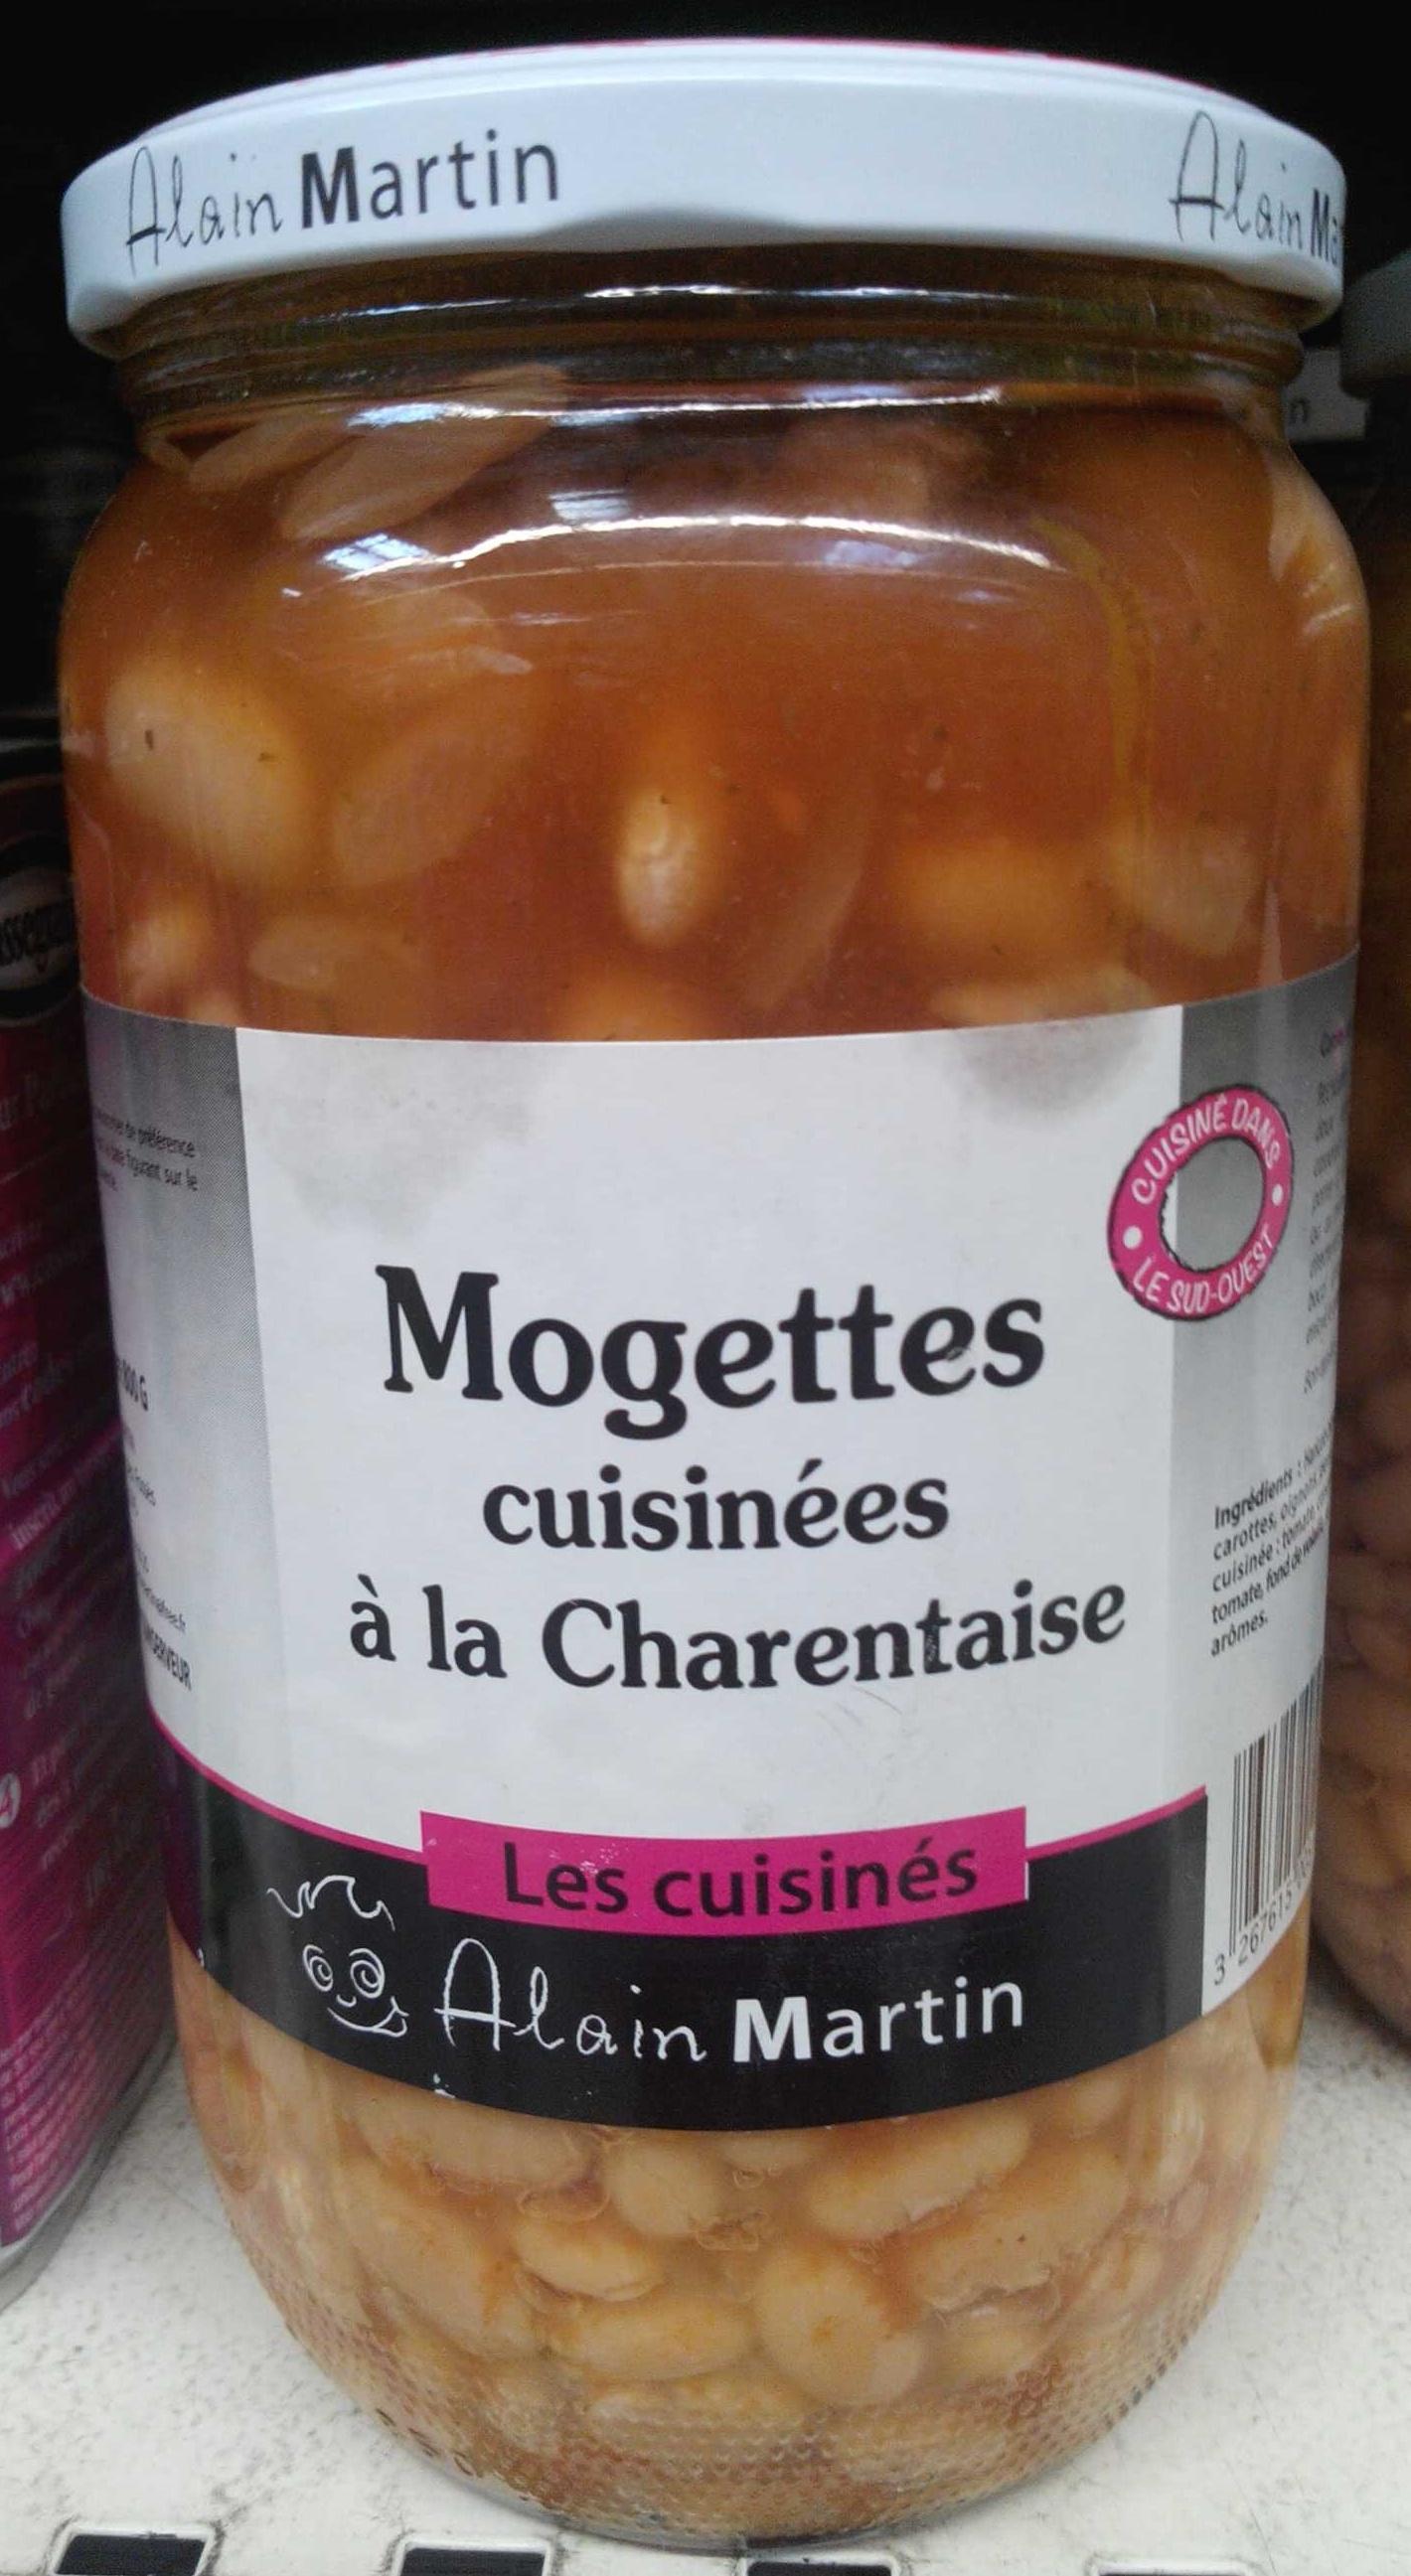 Mogettes Cuisinées à la Charentaise - Product